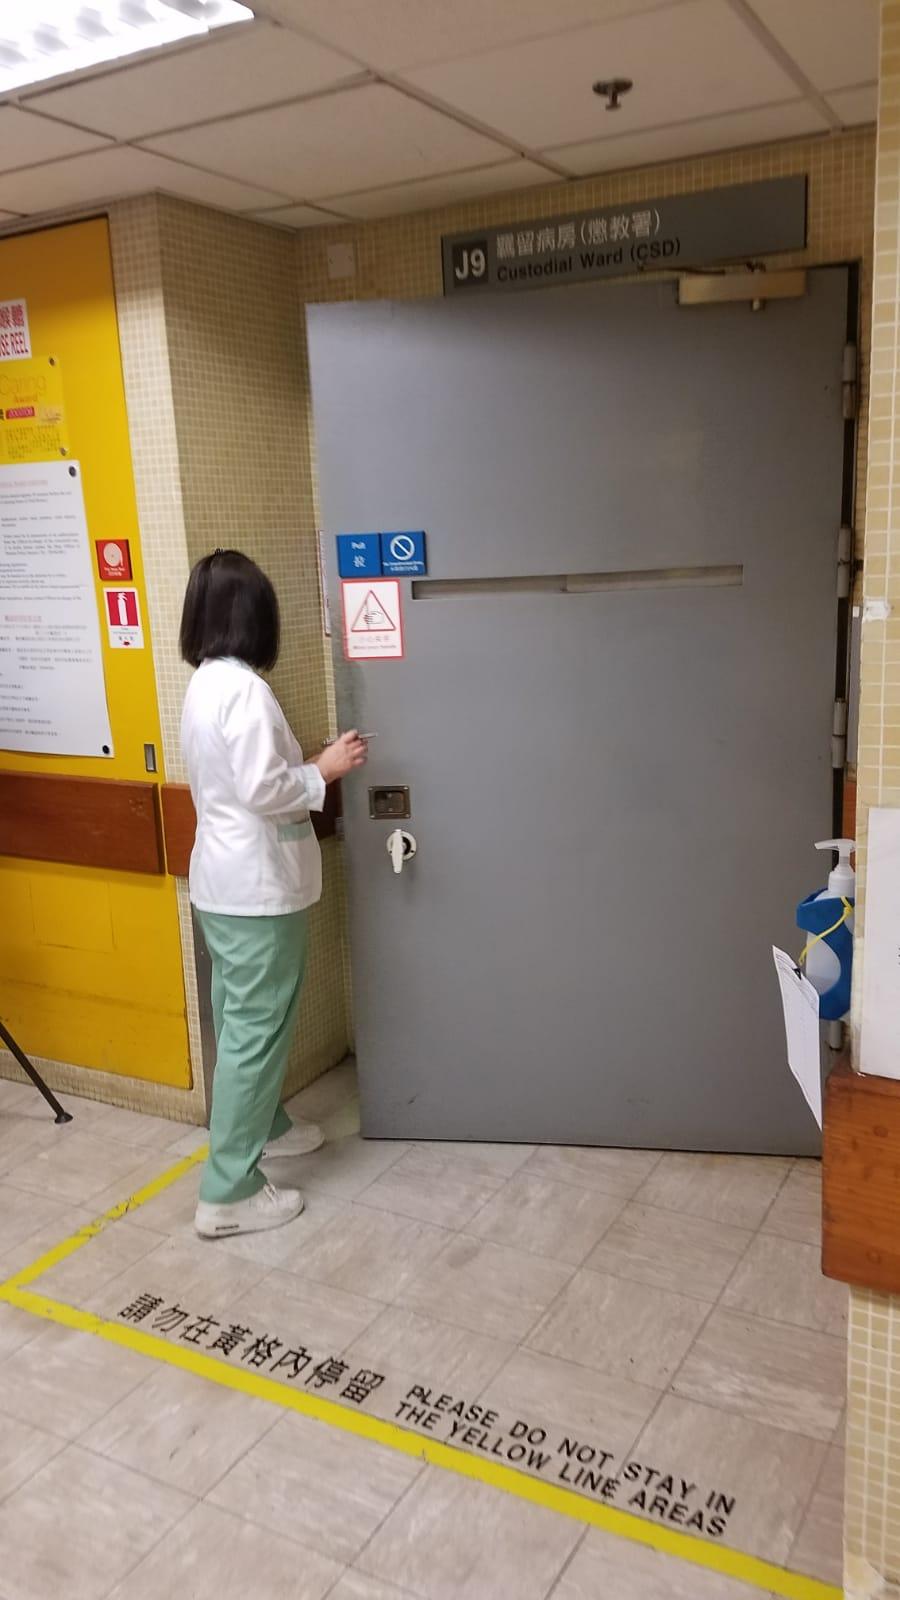 曾蔭權報稱身體不適,被送往瑪麗醫院J9羈留病房接受治療。